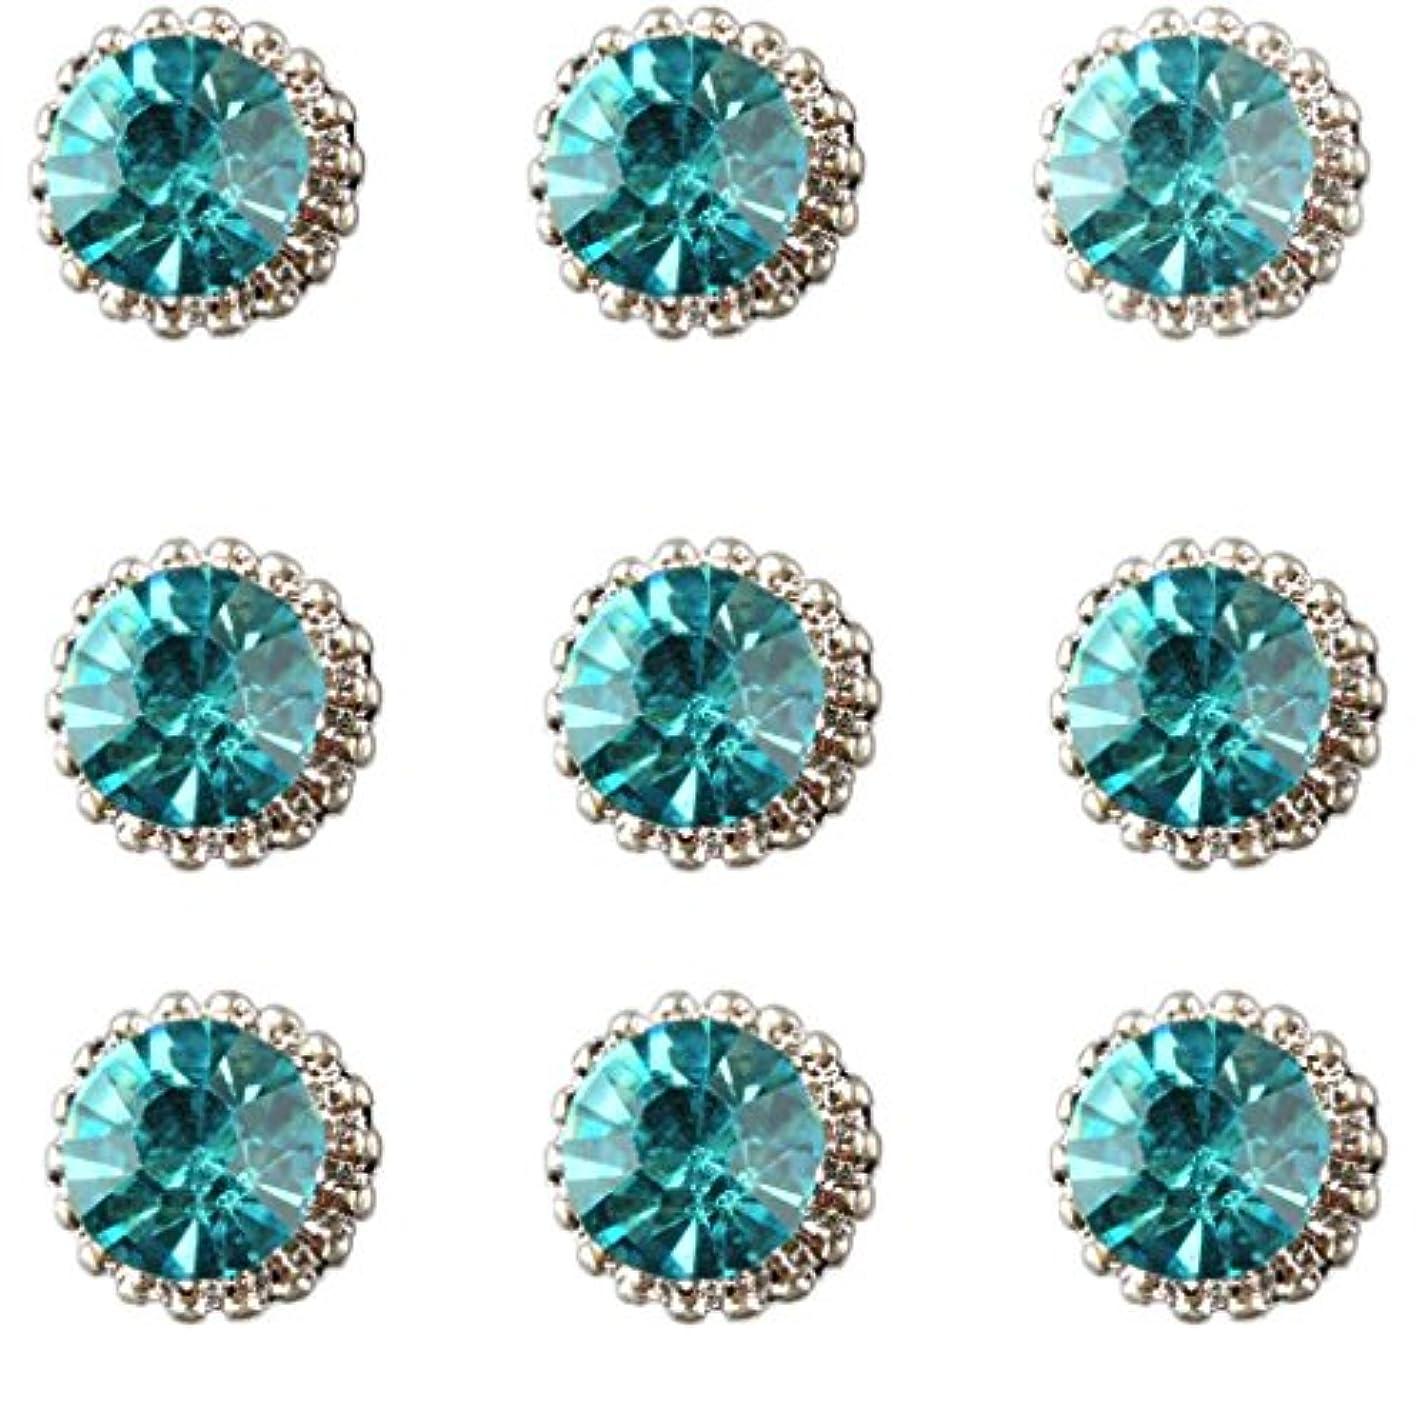 温かいダメージ集中SM SunniMix ネイルアート パーツ キラキラ 3D ネイルステッカー 合金 ラインストーン 6色選択 - 緑